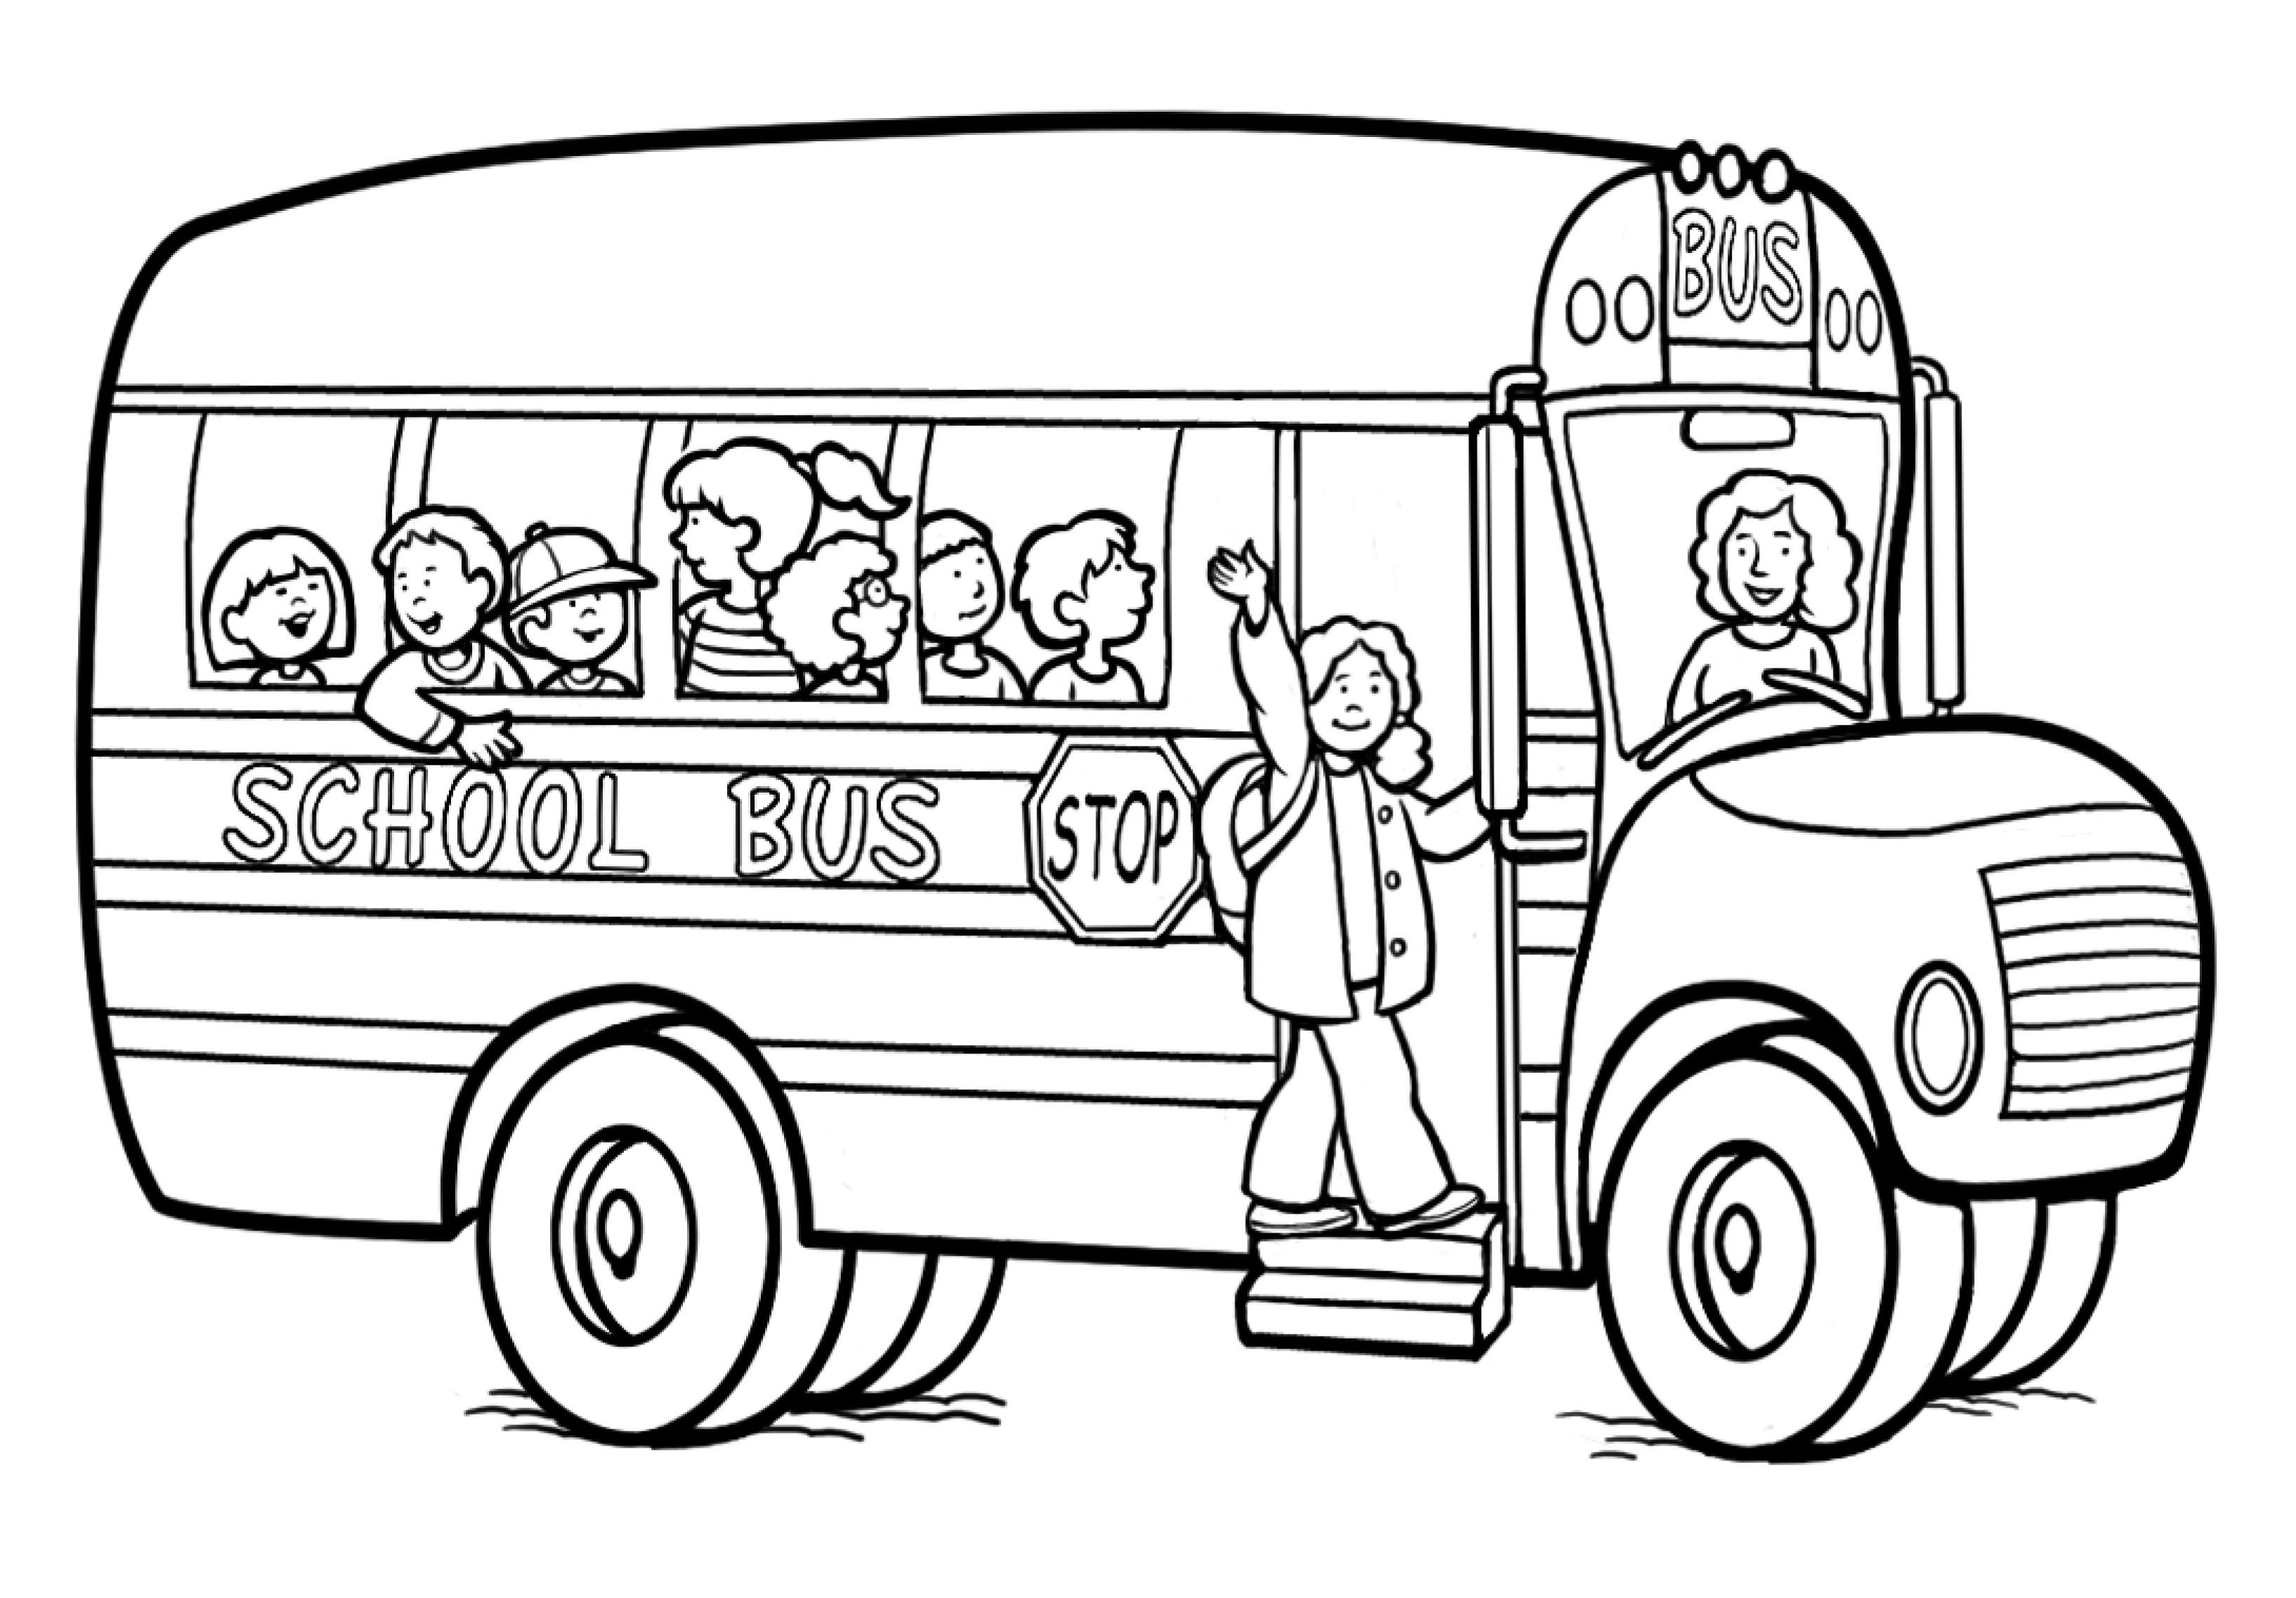 Ausmalbilder Bus  Malvorlagen fur kinder Ausmalbilder Bus kostenlos Page